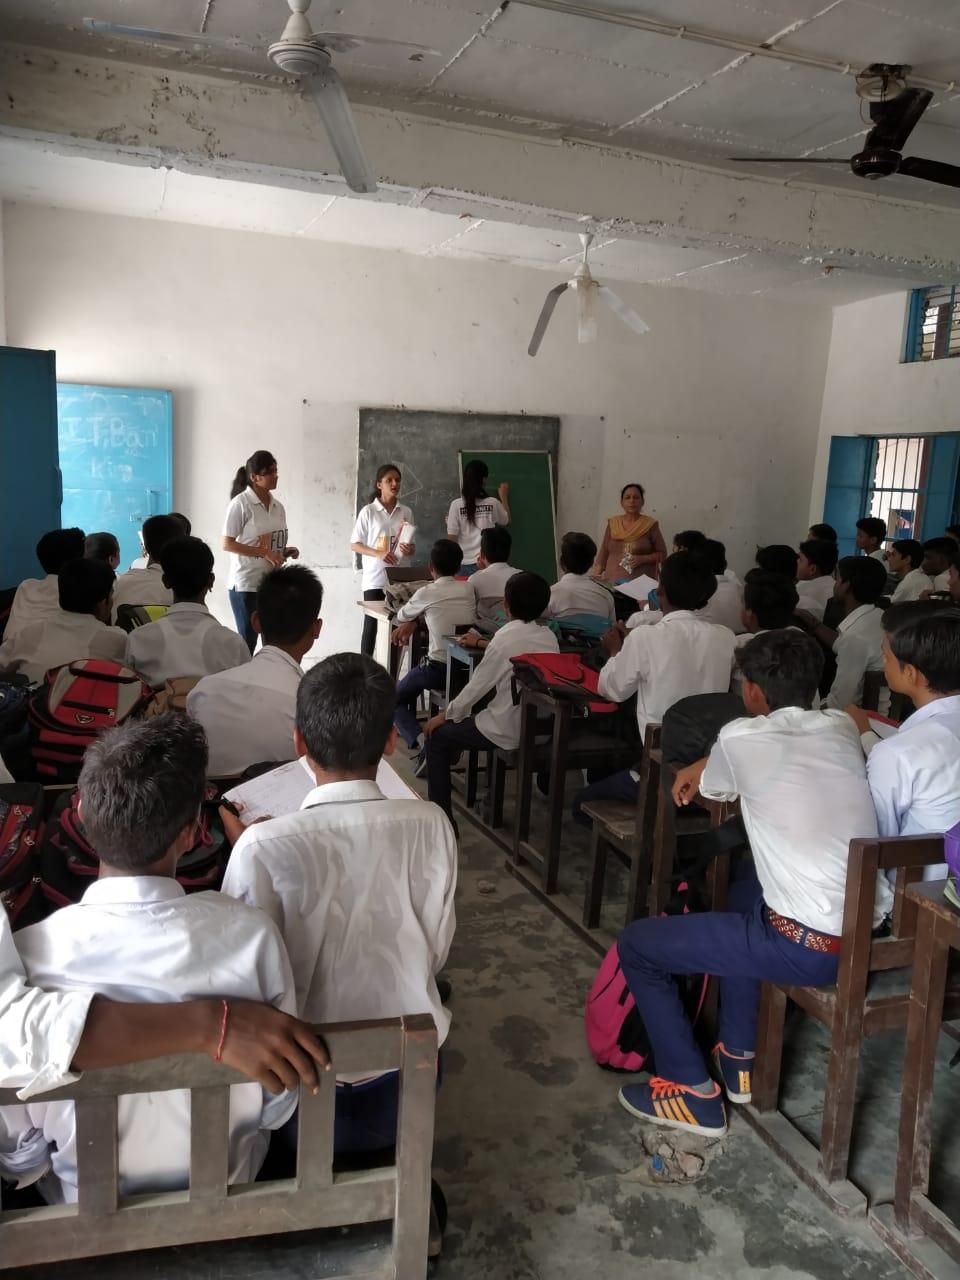 Govt Boys School Sec 18 Faridabad.jpeg